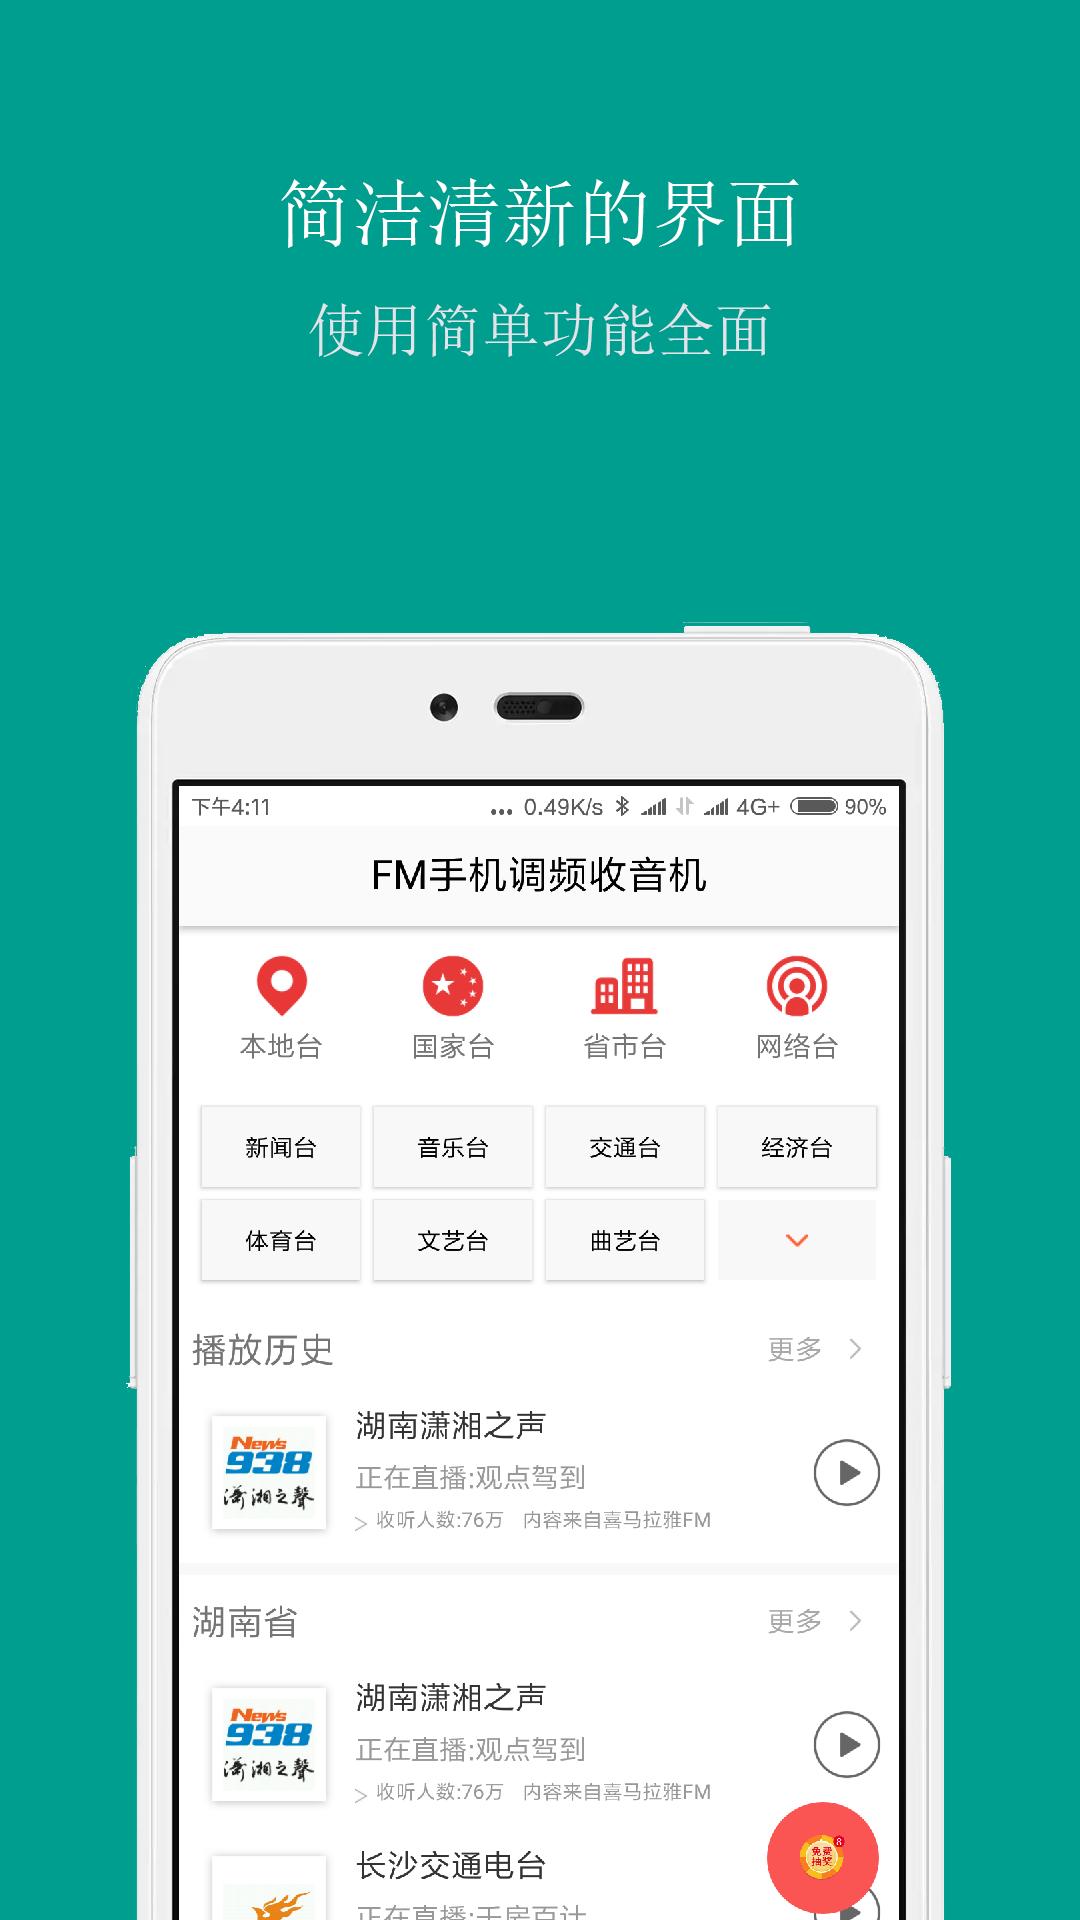 FM手机调频收音机